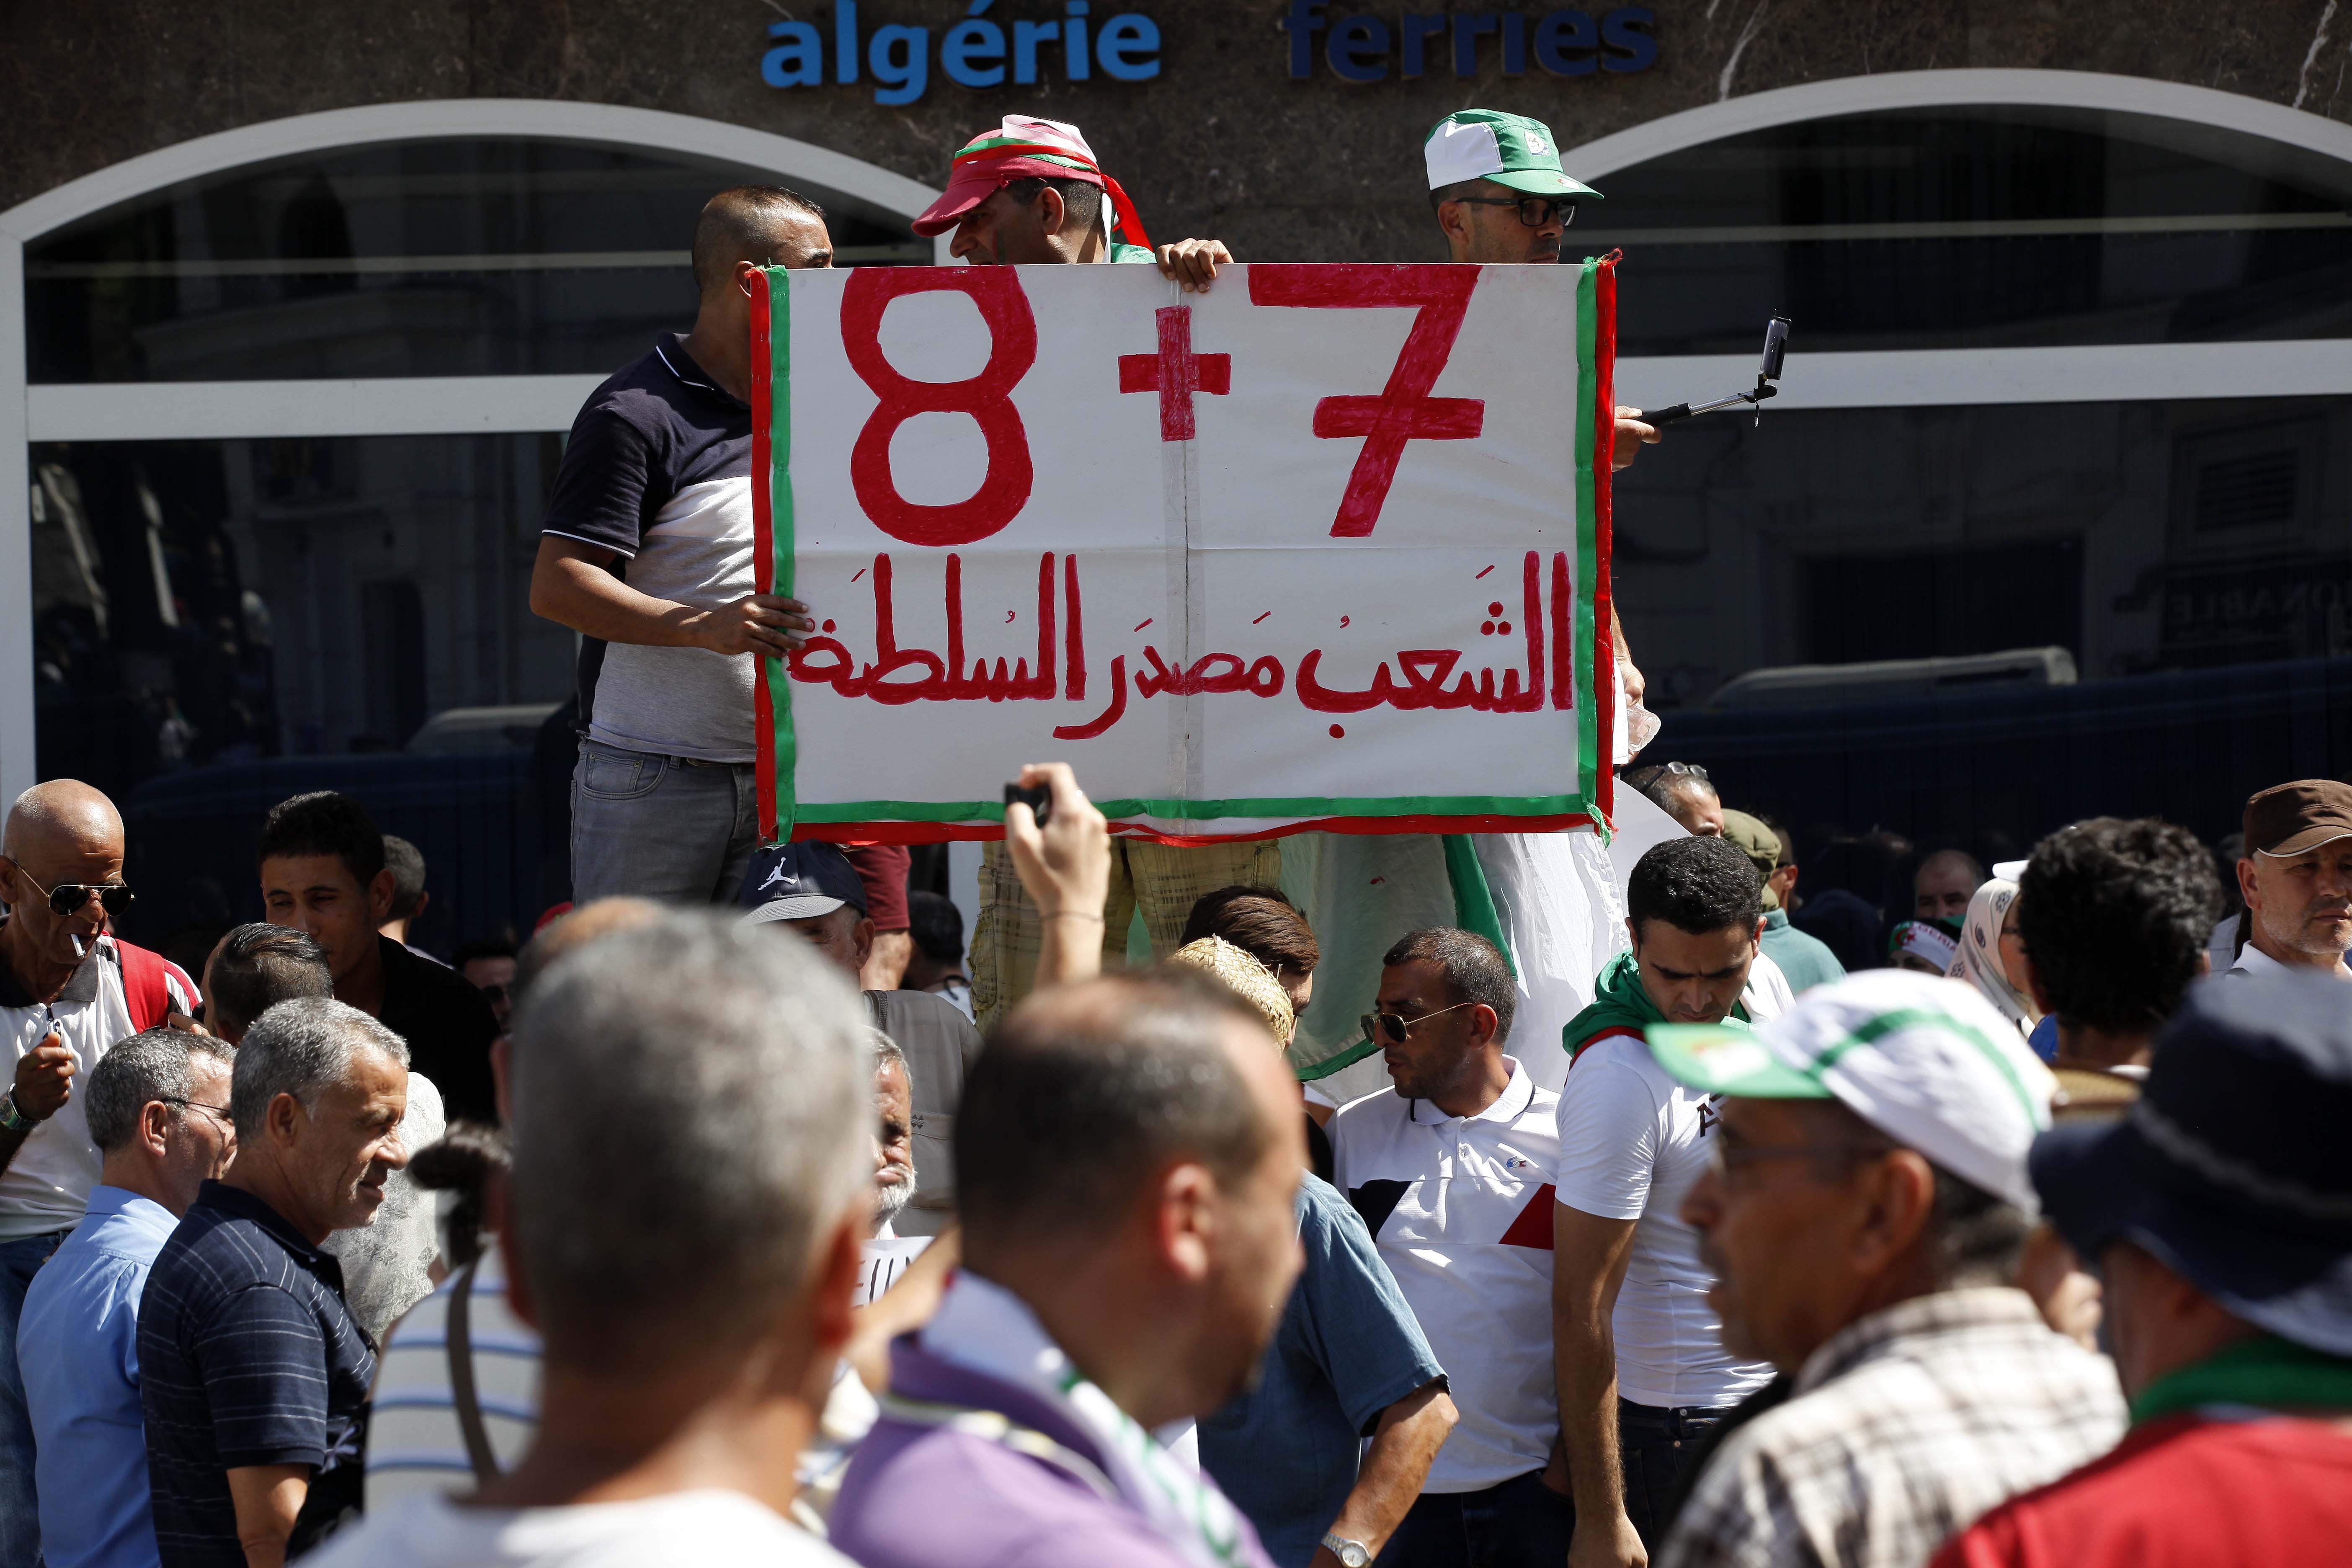 الحراك مستمر في رفض الانتخابات دون ضمانات